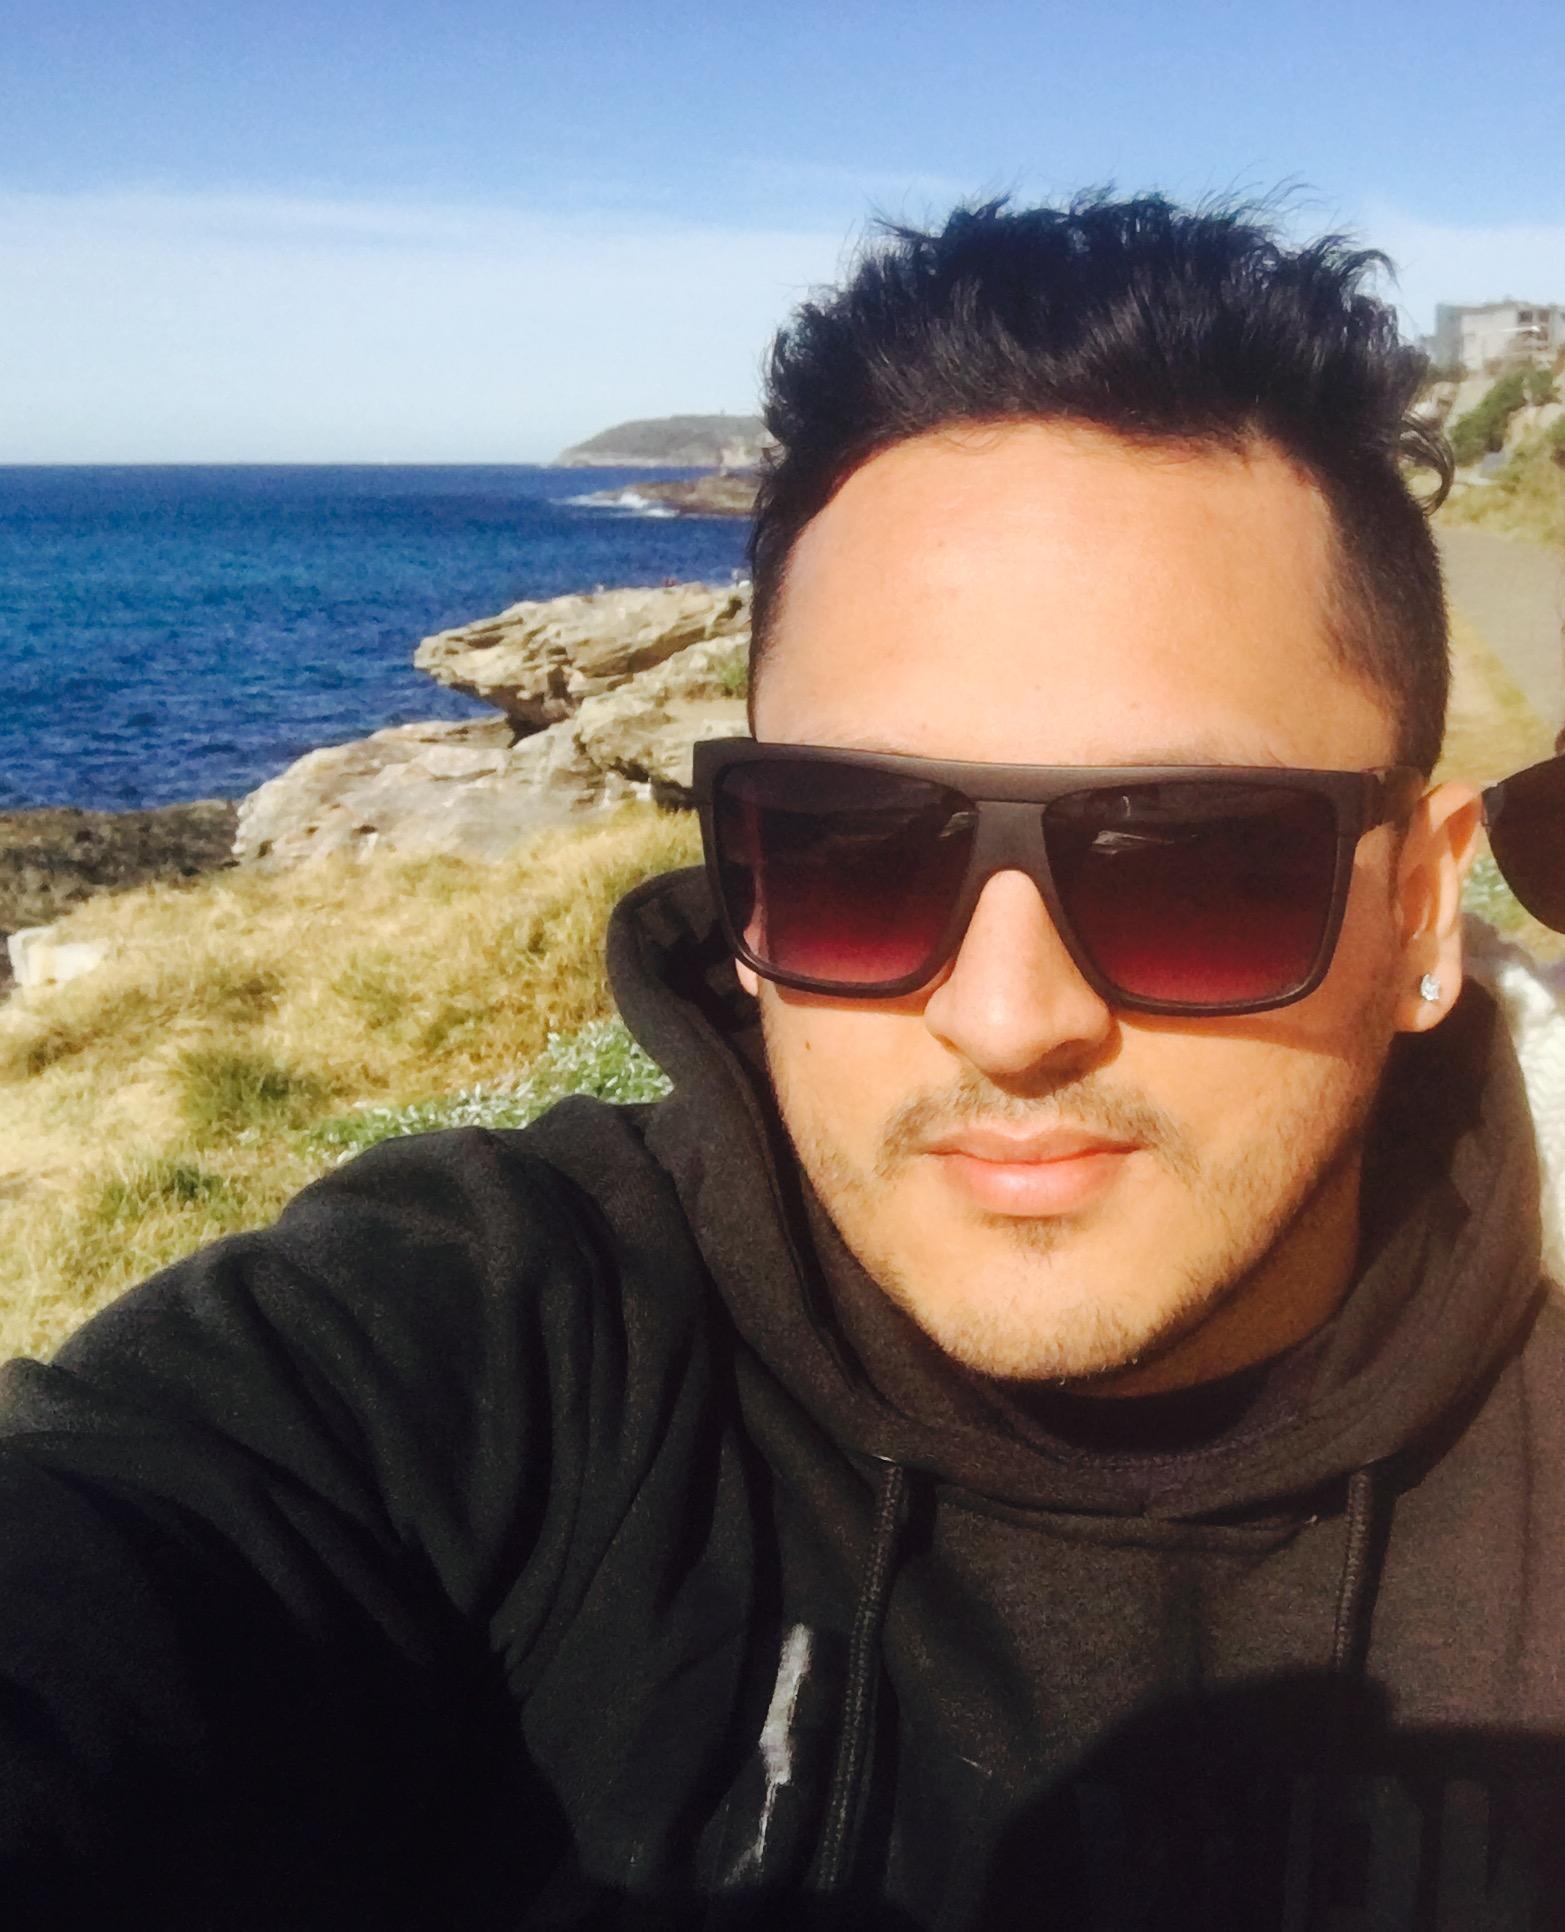 Amarinder's profile picture